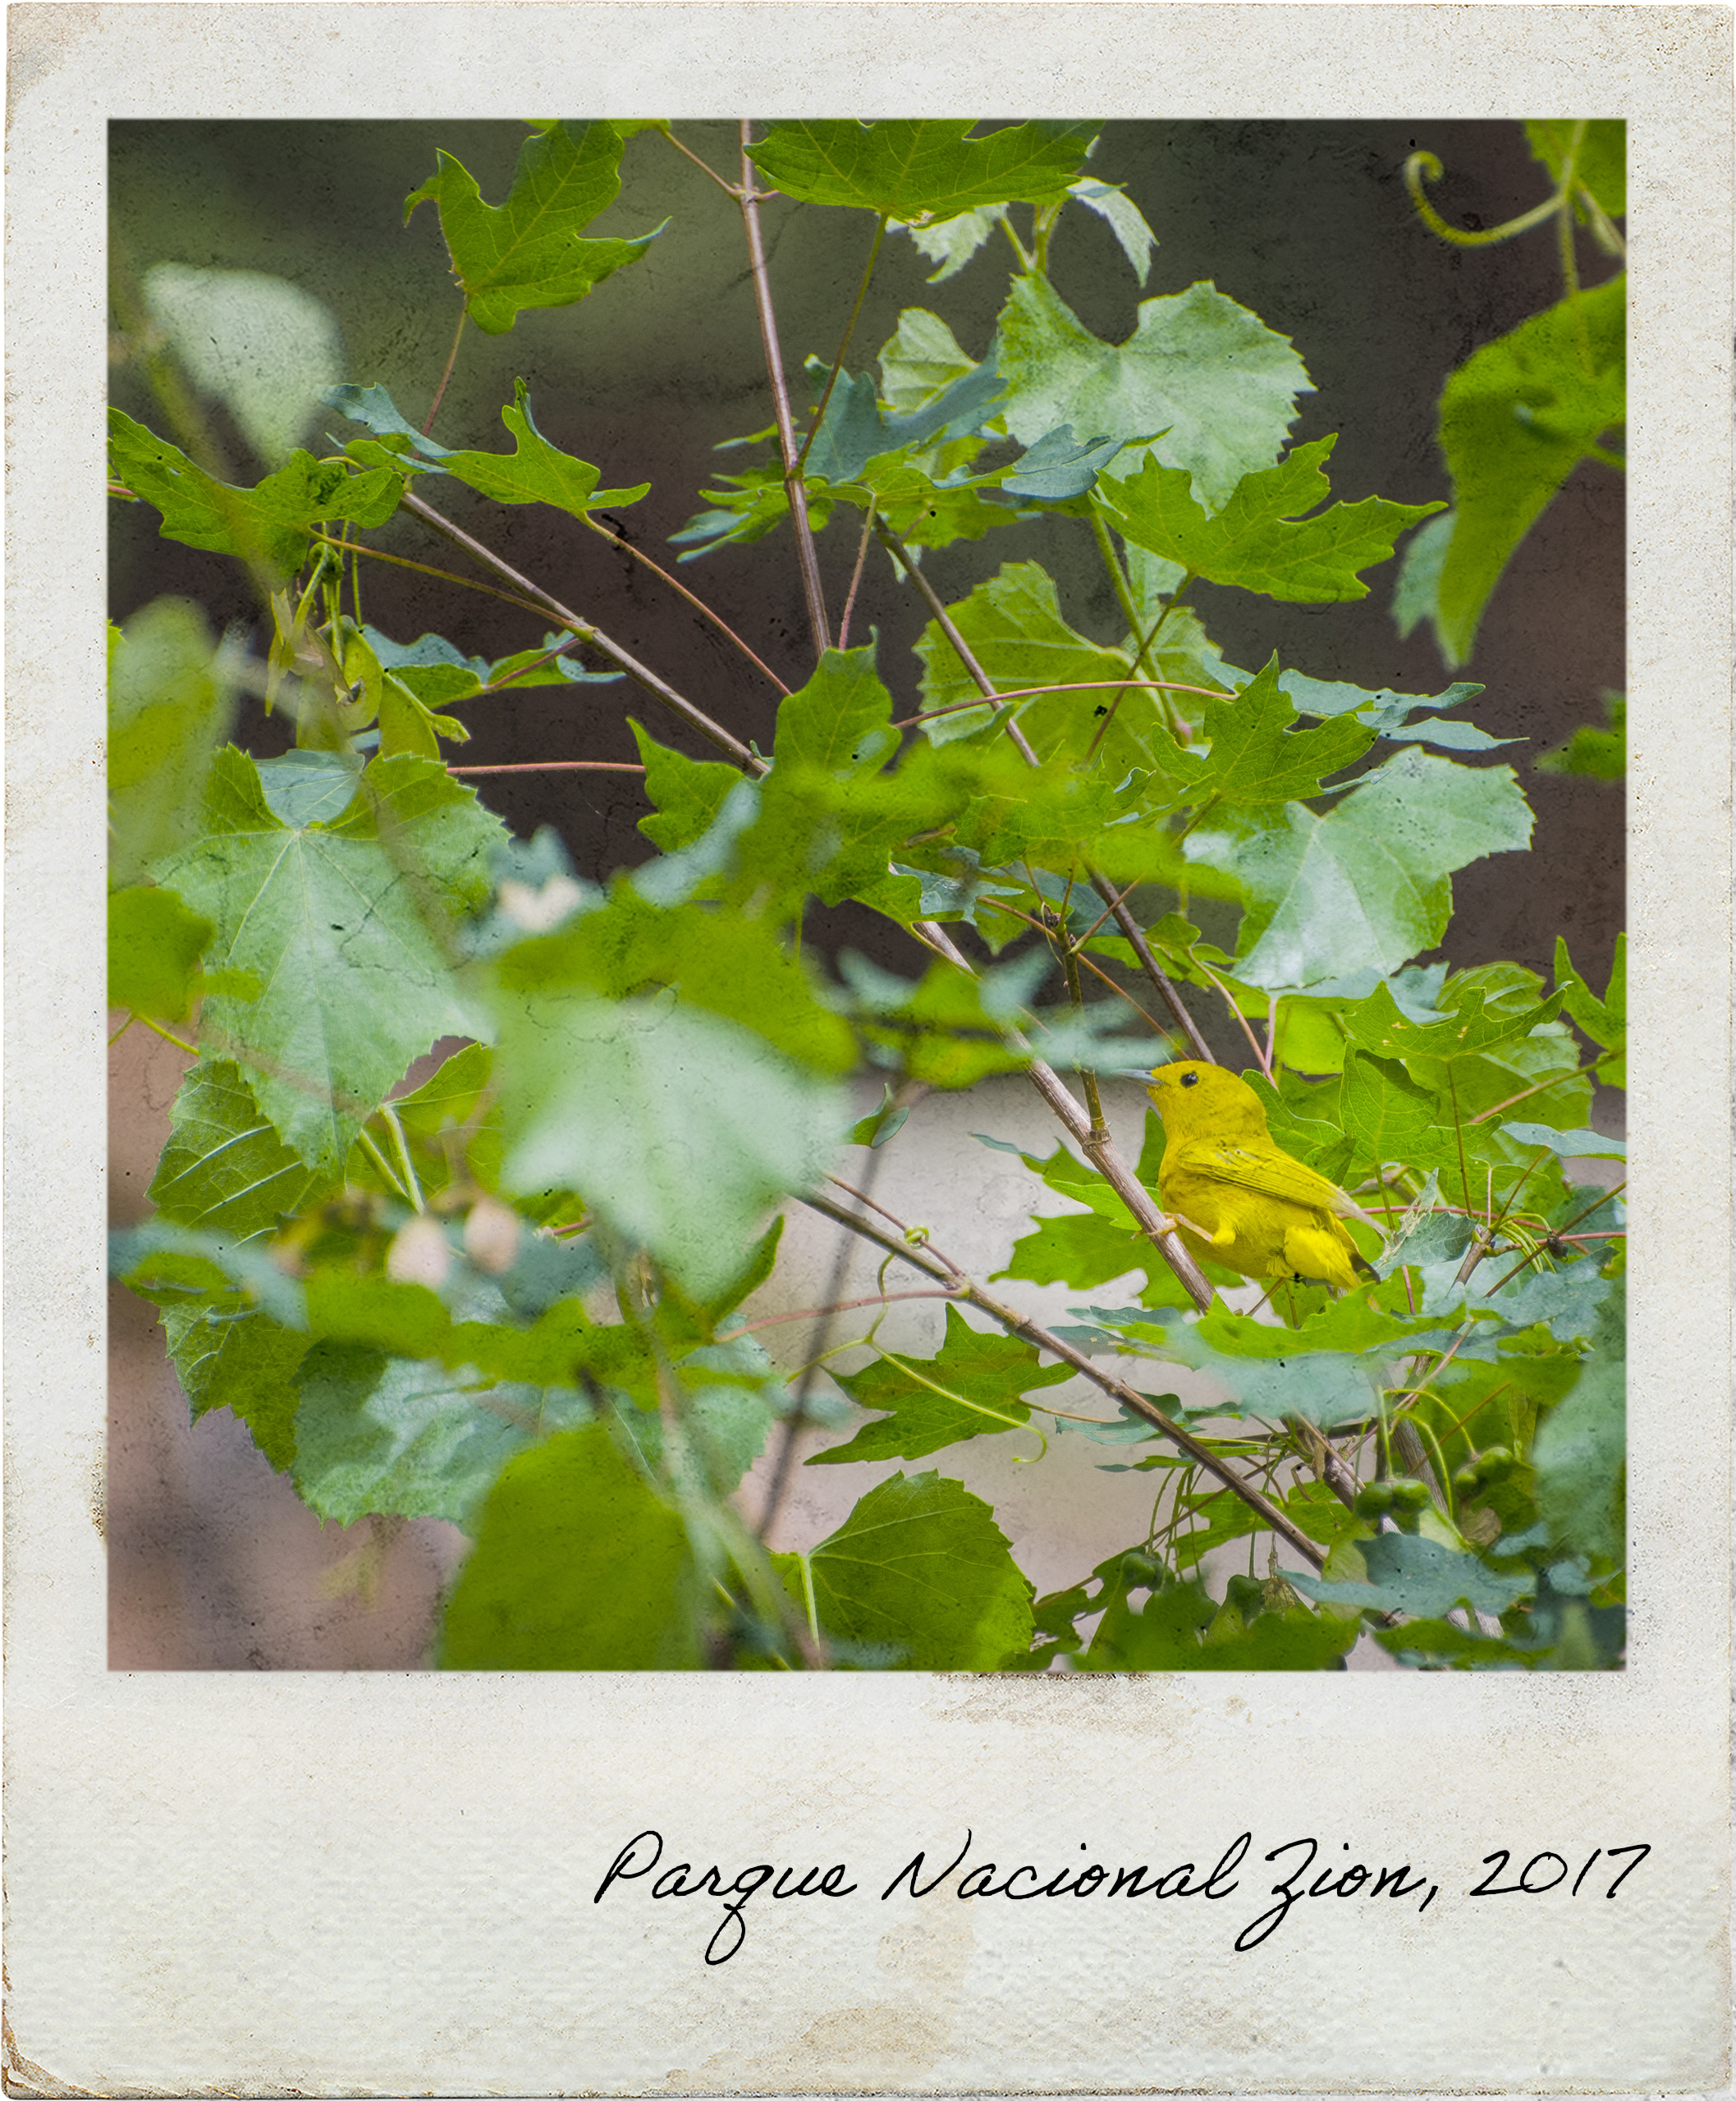 Observação de pássaros dentro do Parque Nacional Zion